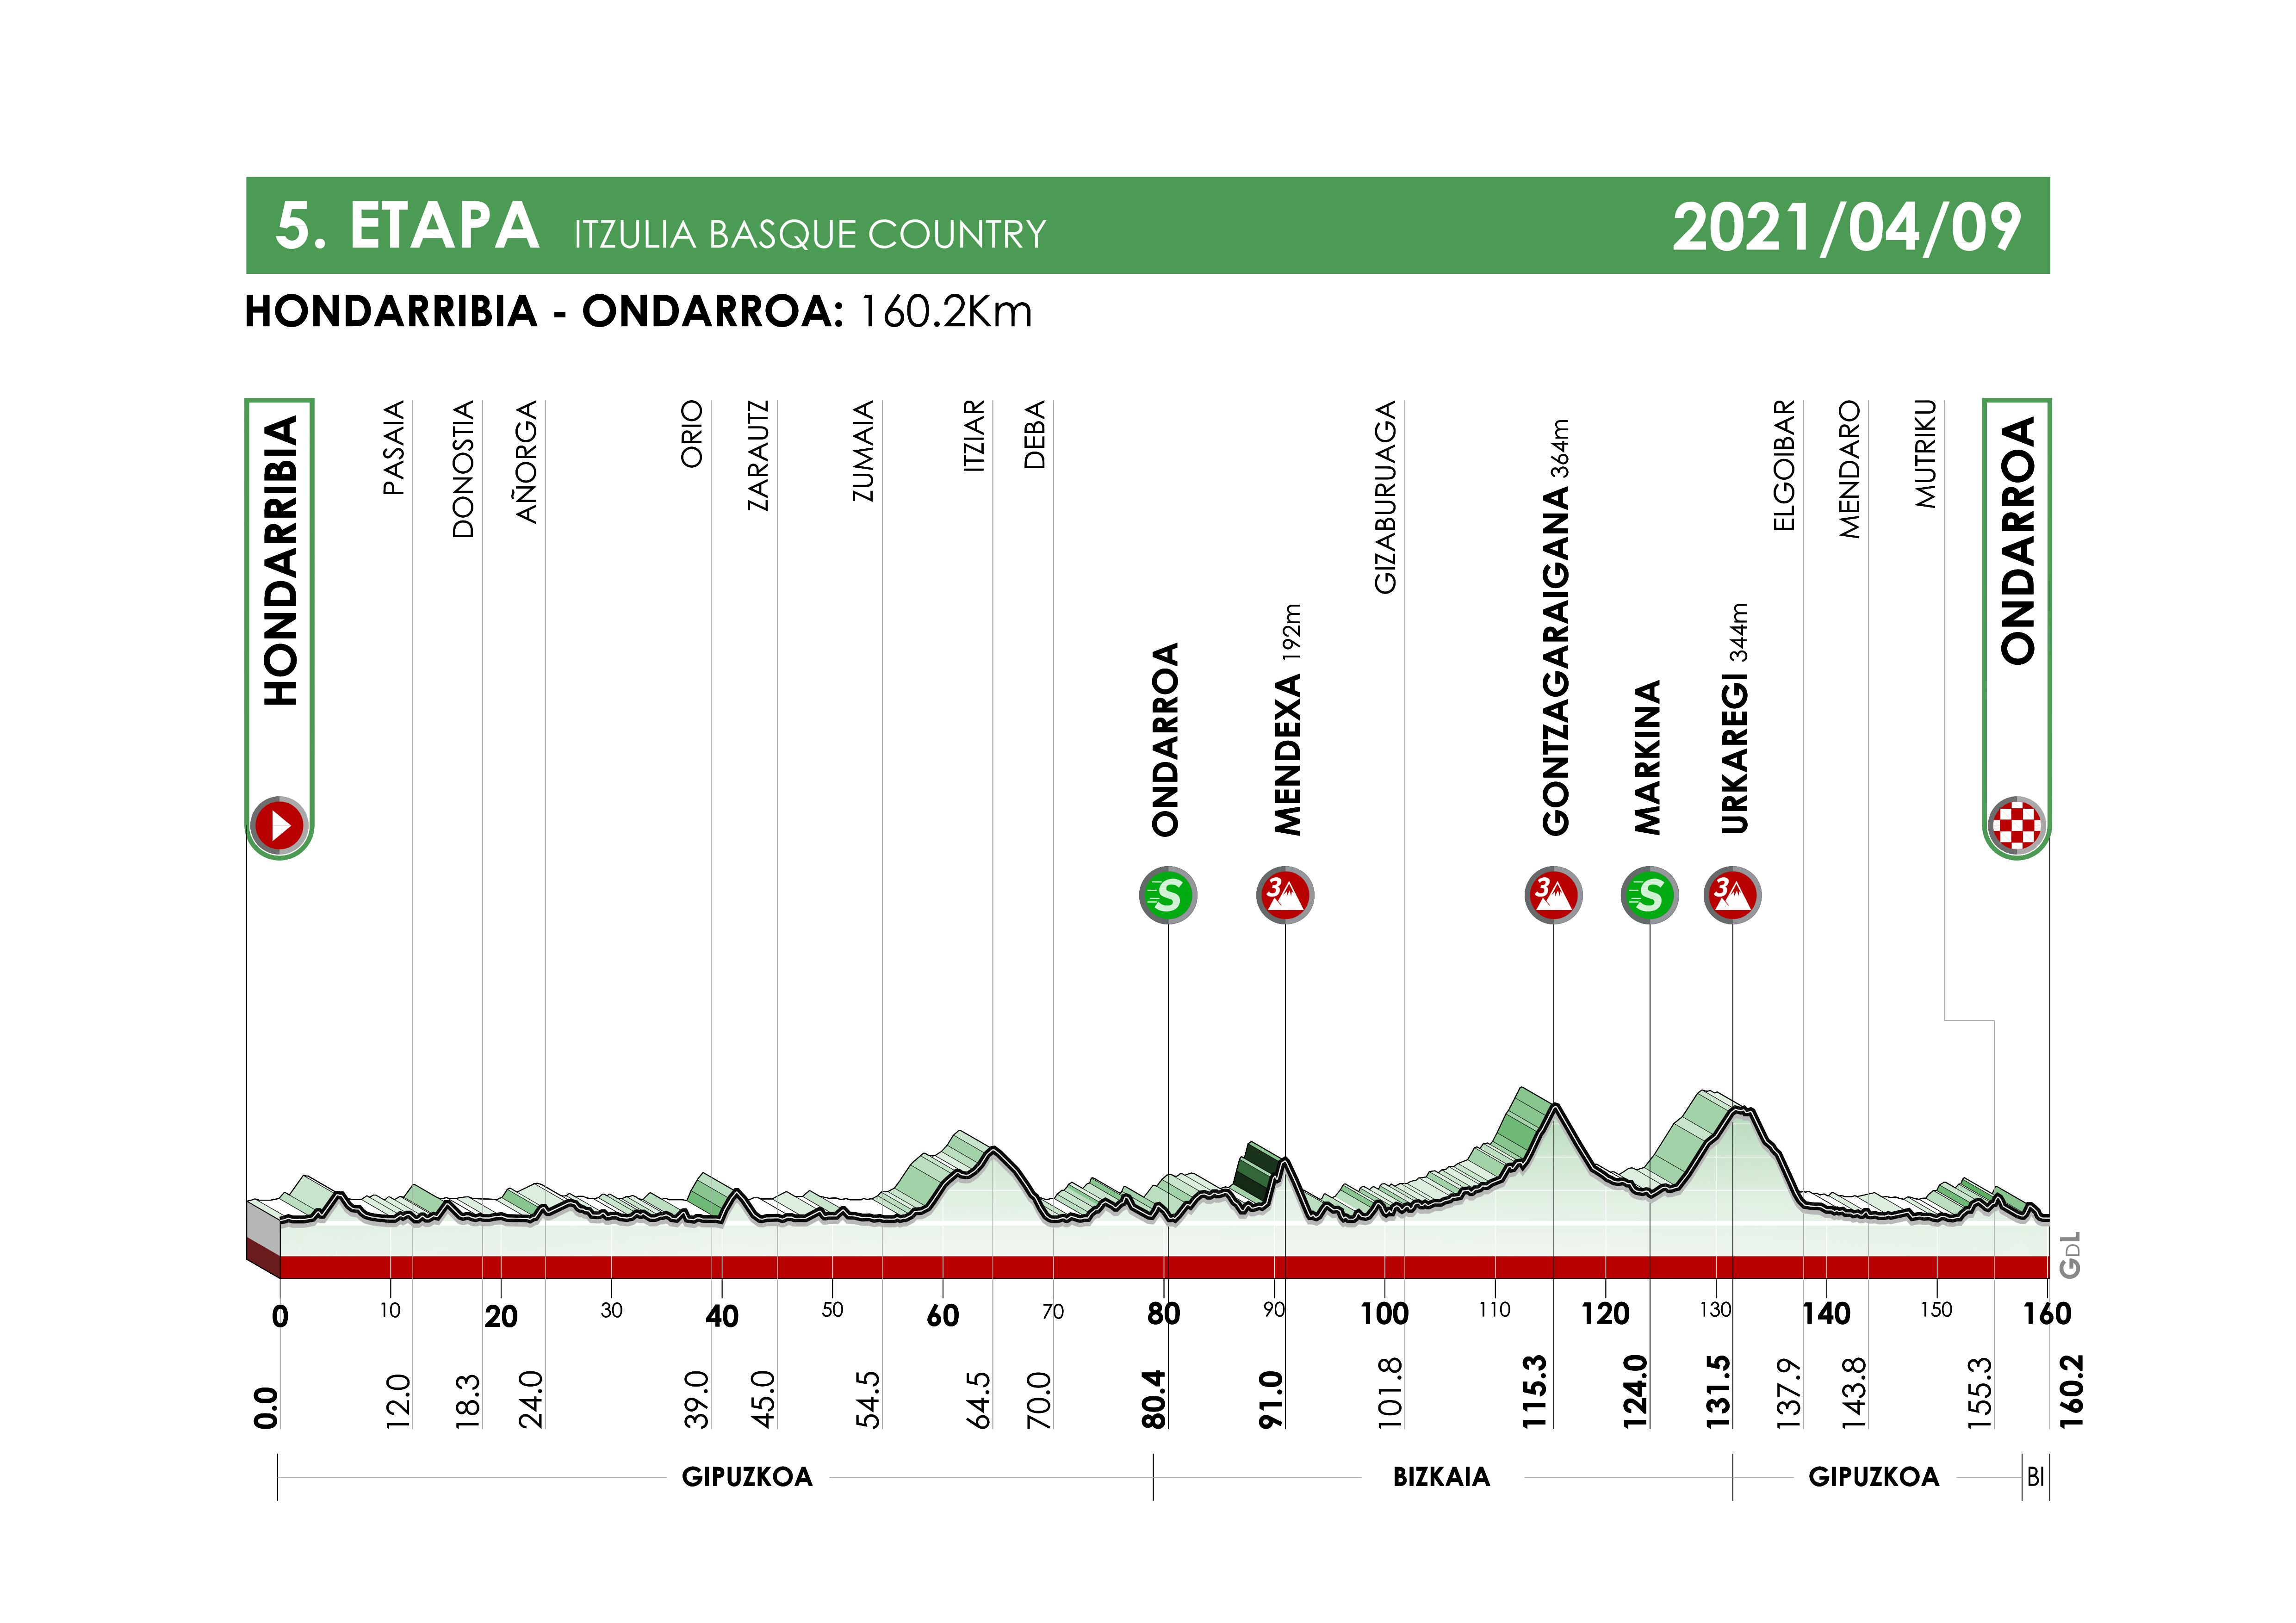 Perfil de la quinta etapa de la Vuelta al País Vasco 2021